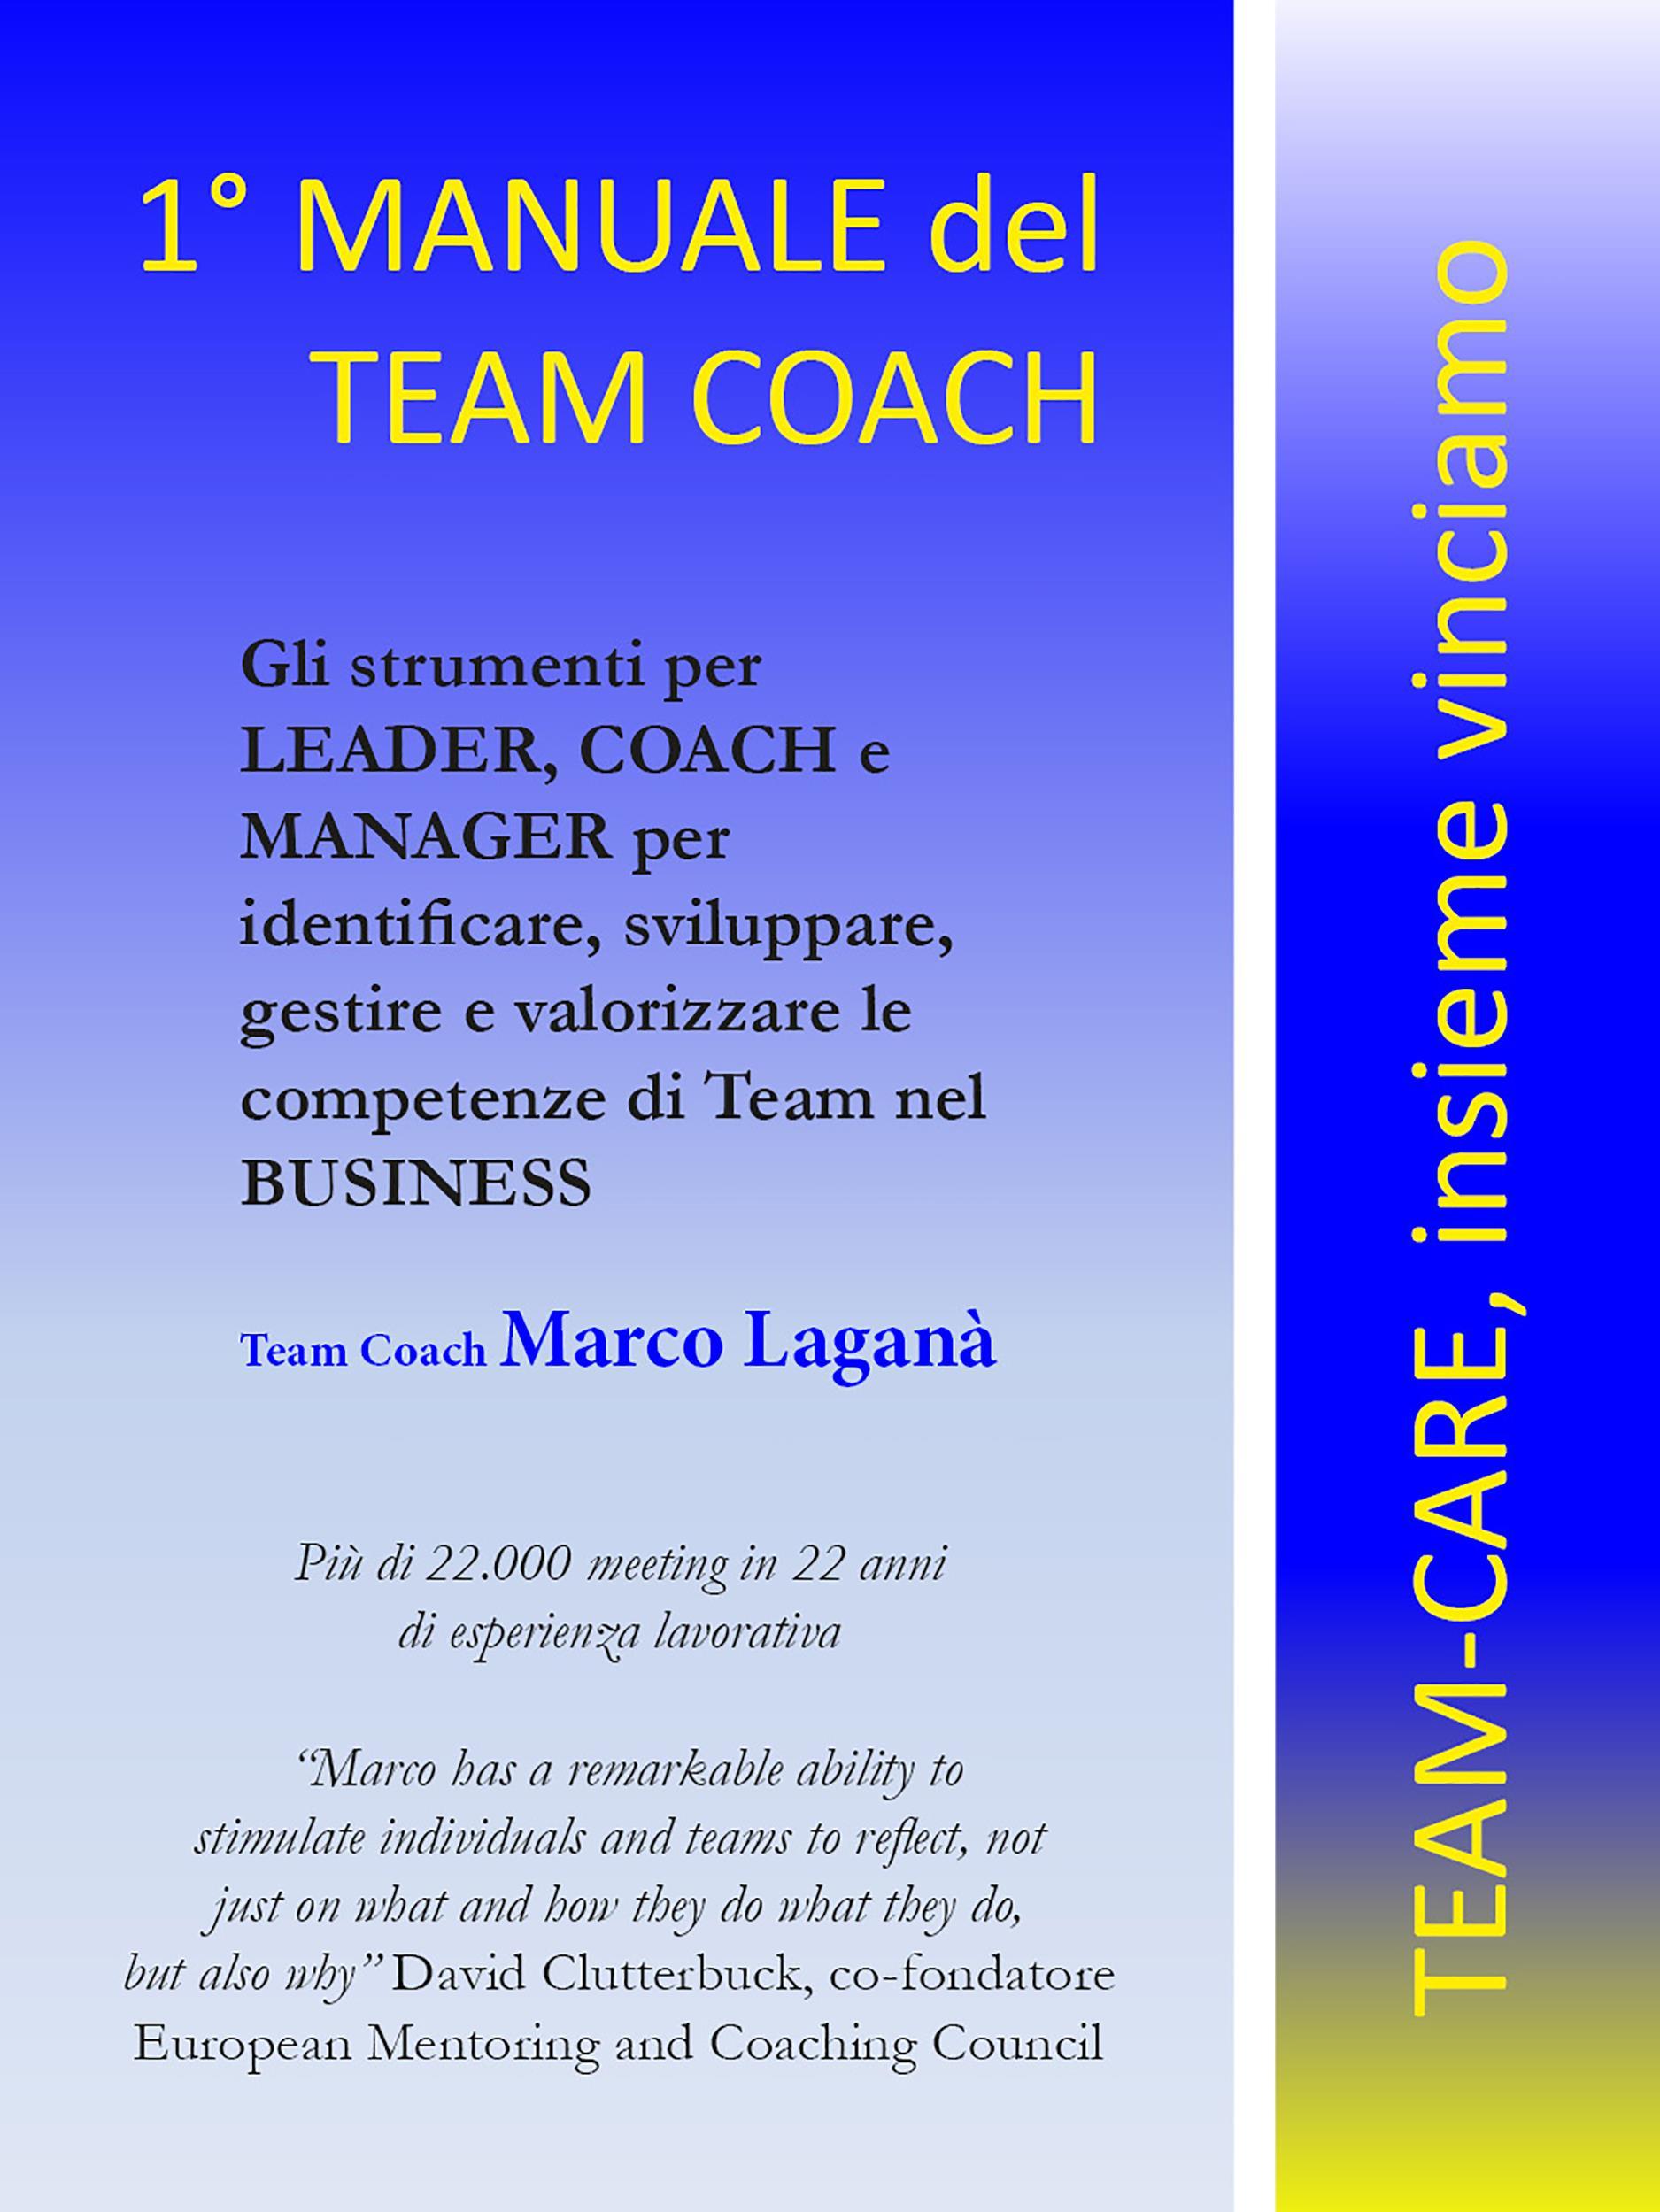 Il Manuale del team Coach